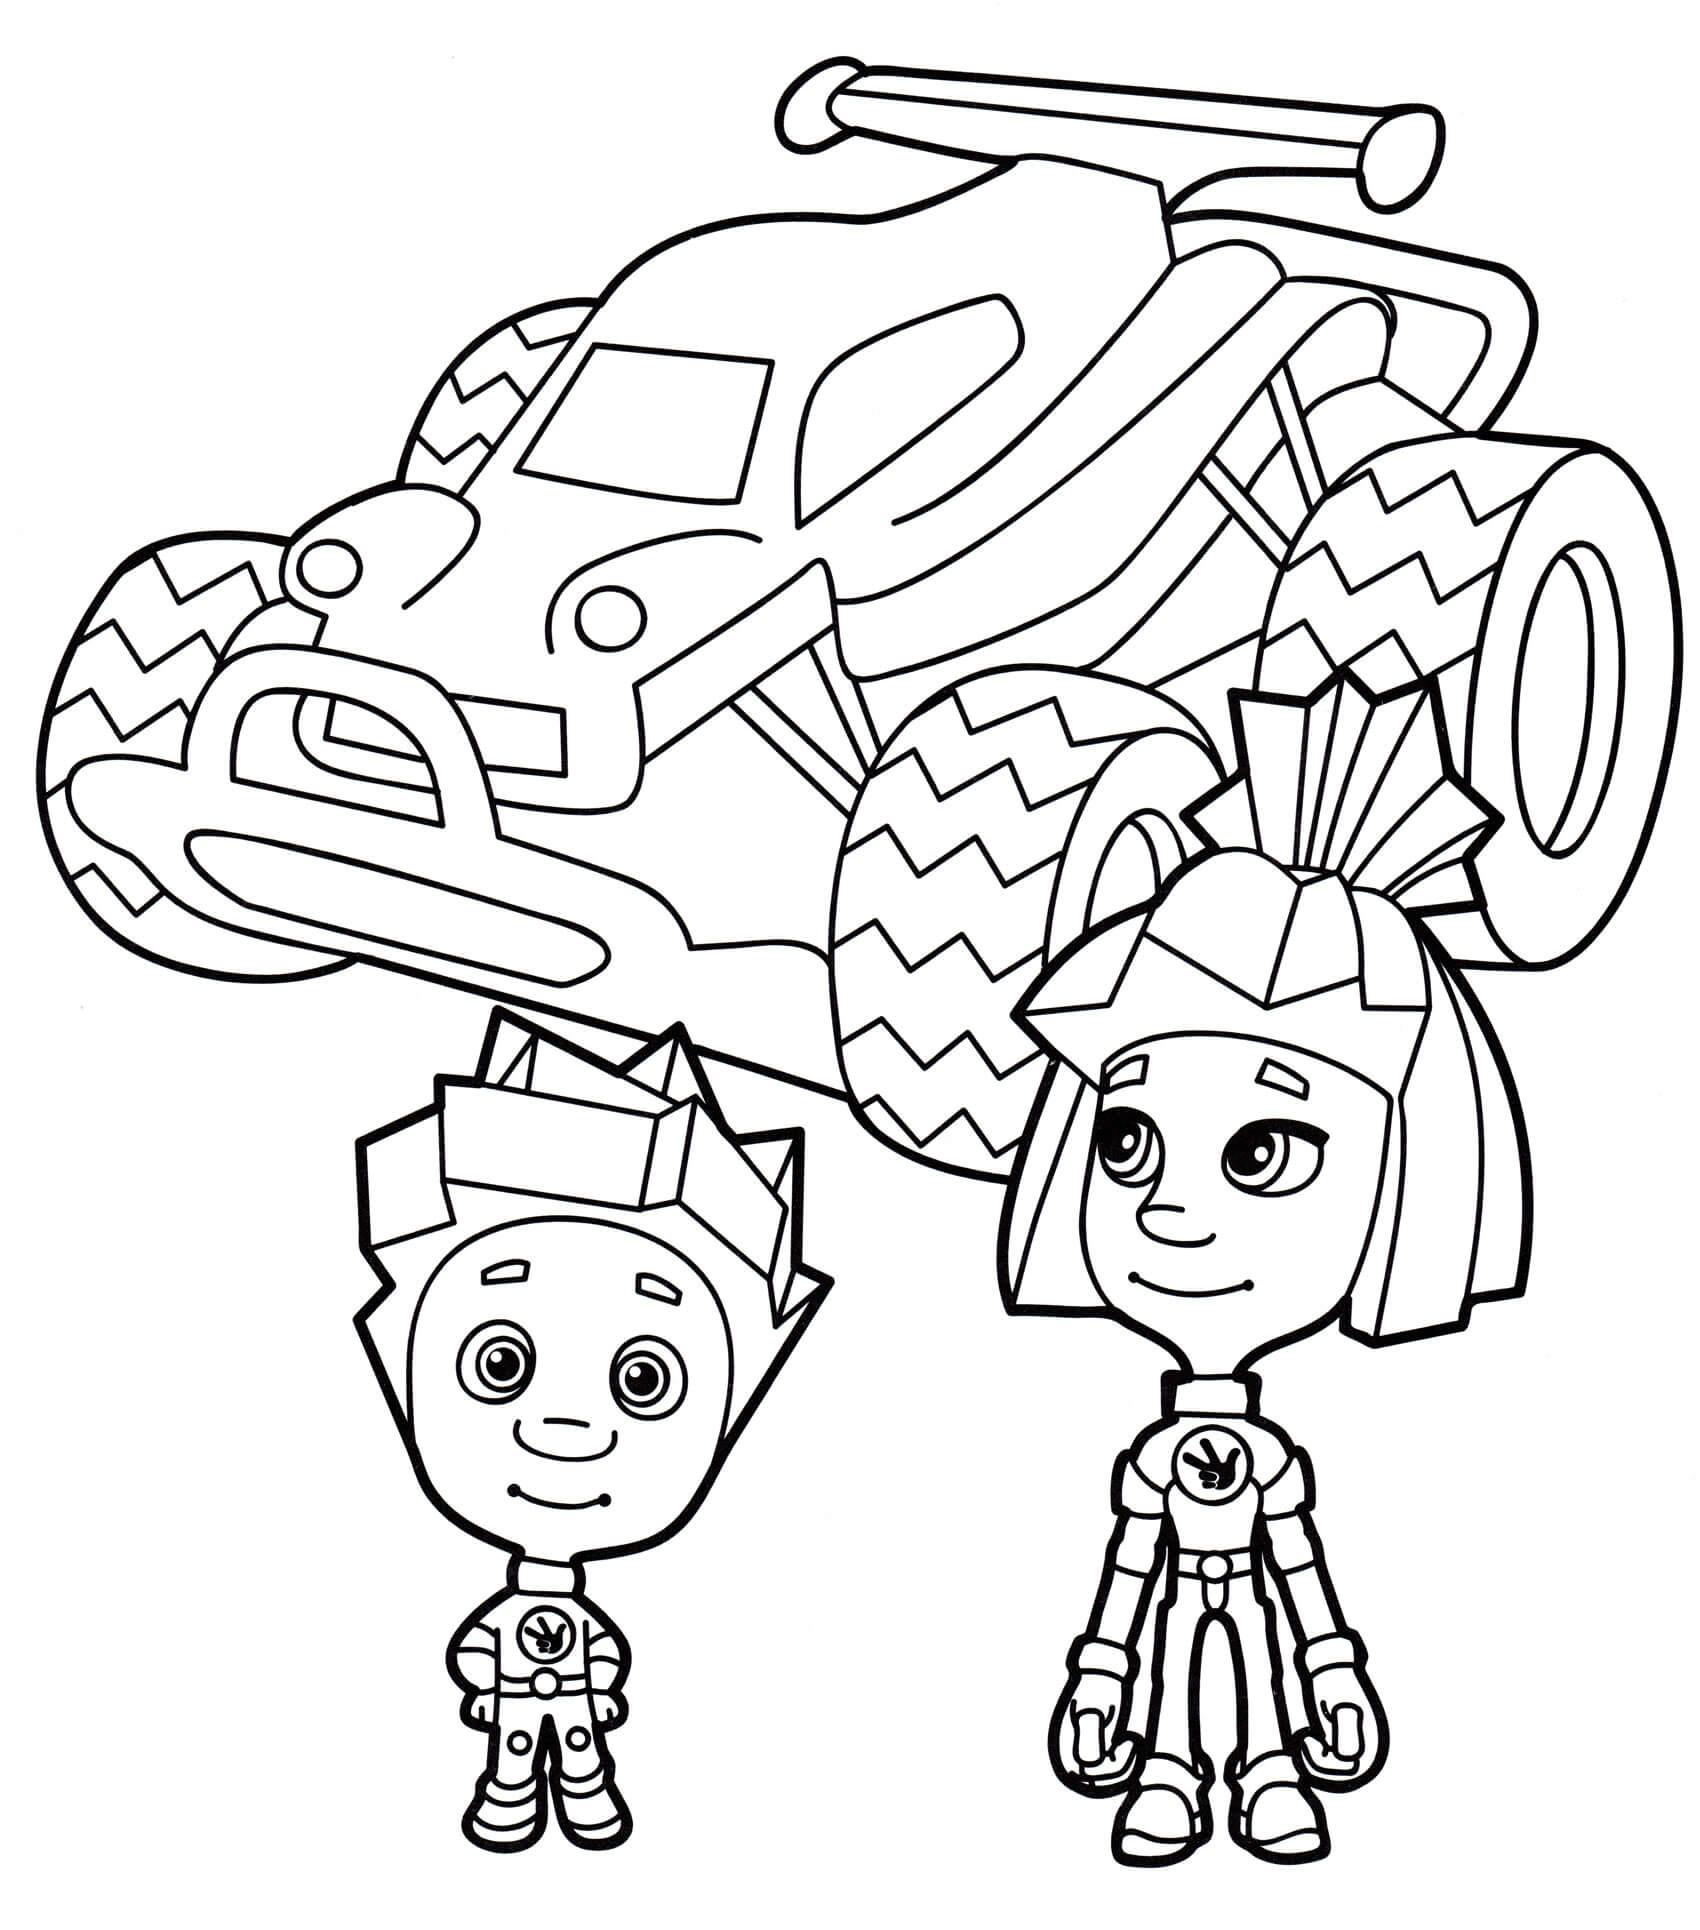 Раскраска Симка и Нолик на машине